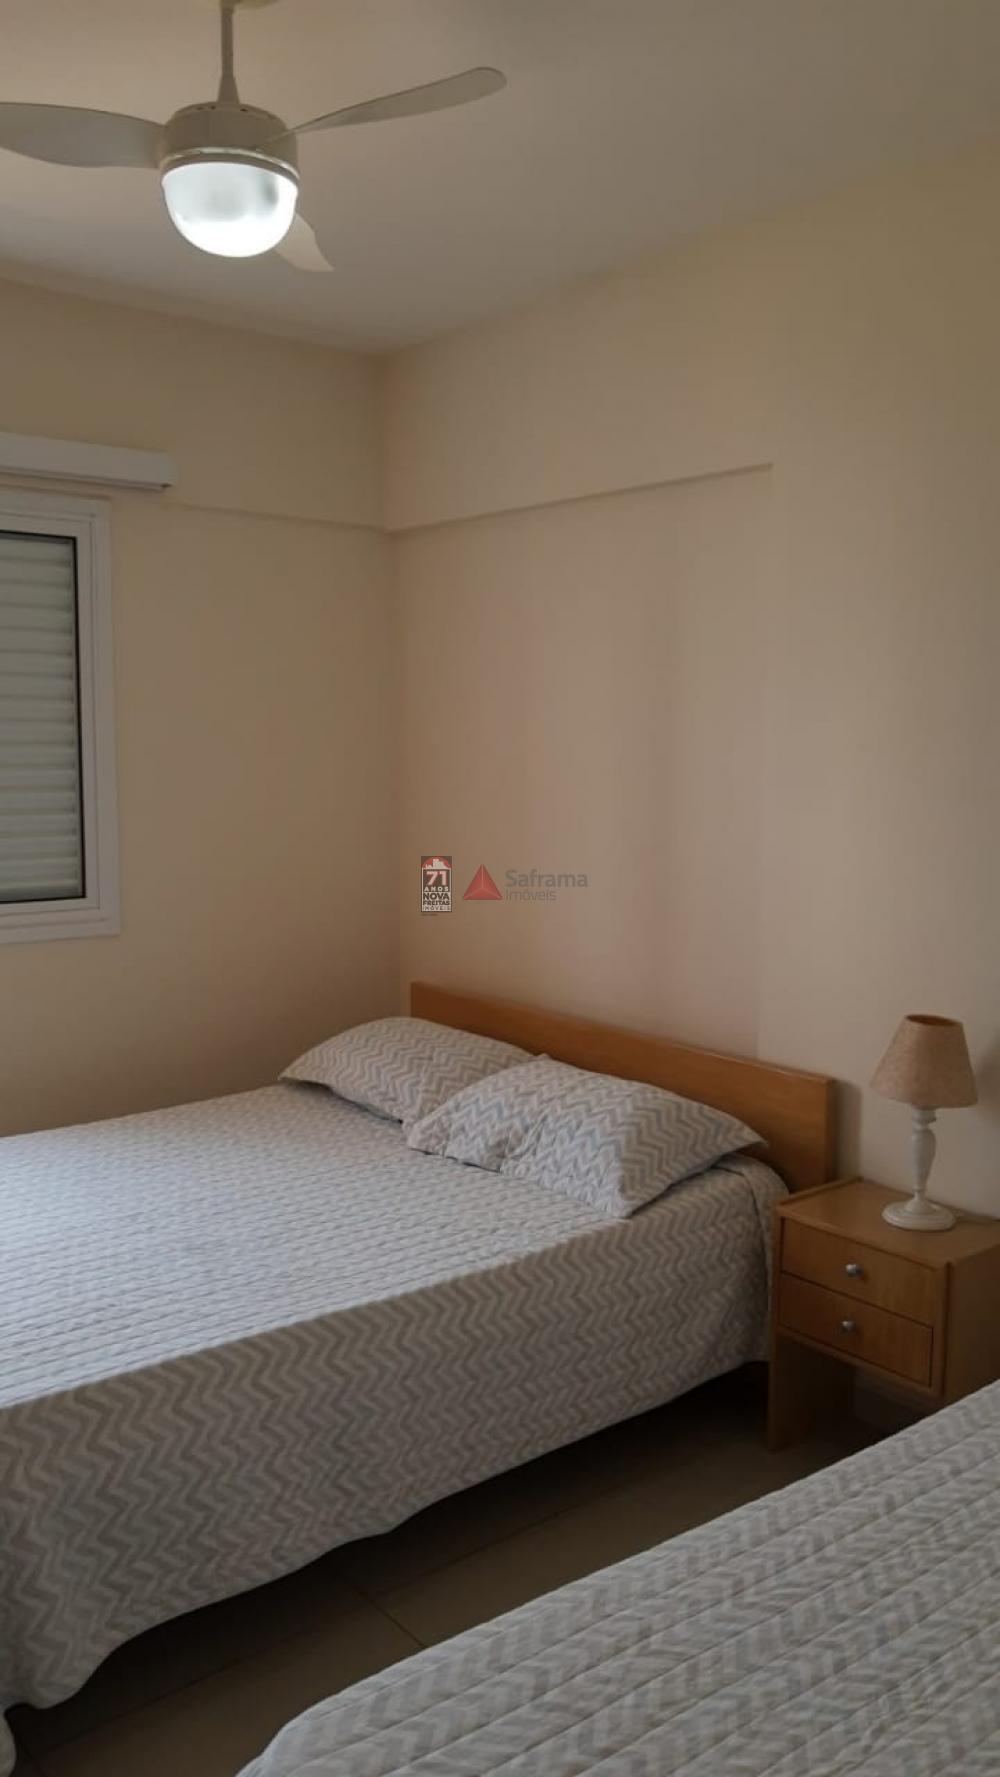 Comprar Apartamento / Padrão em Caraguatatuba apenas R$ 950.000,00 - Foto 20